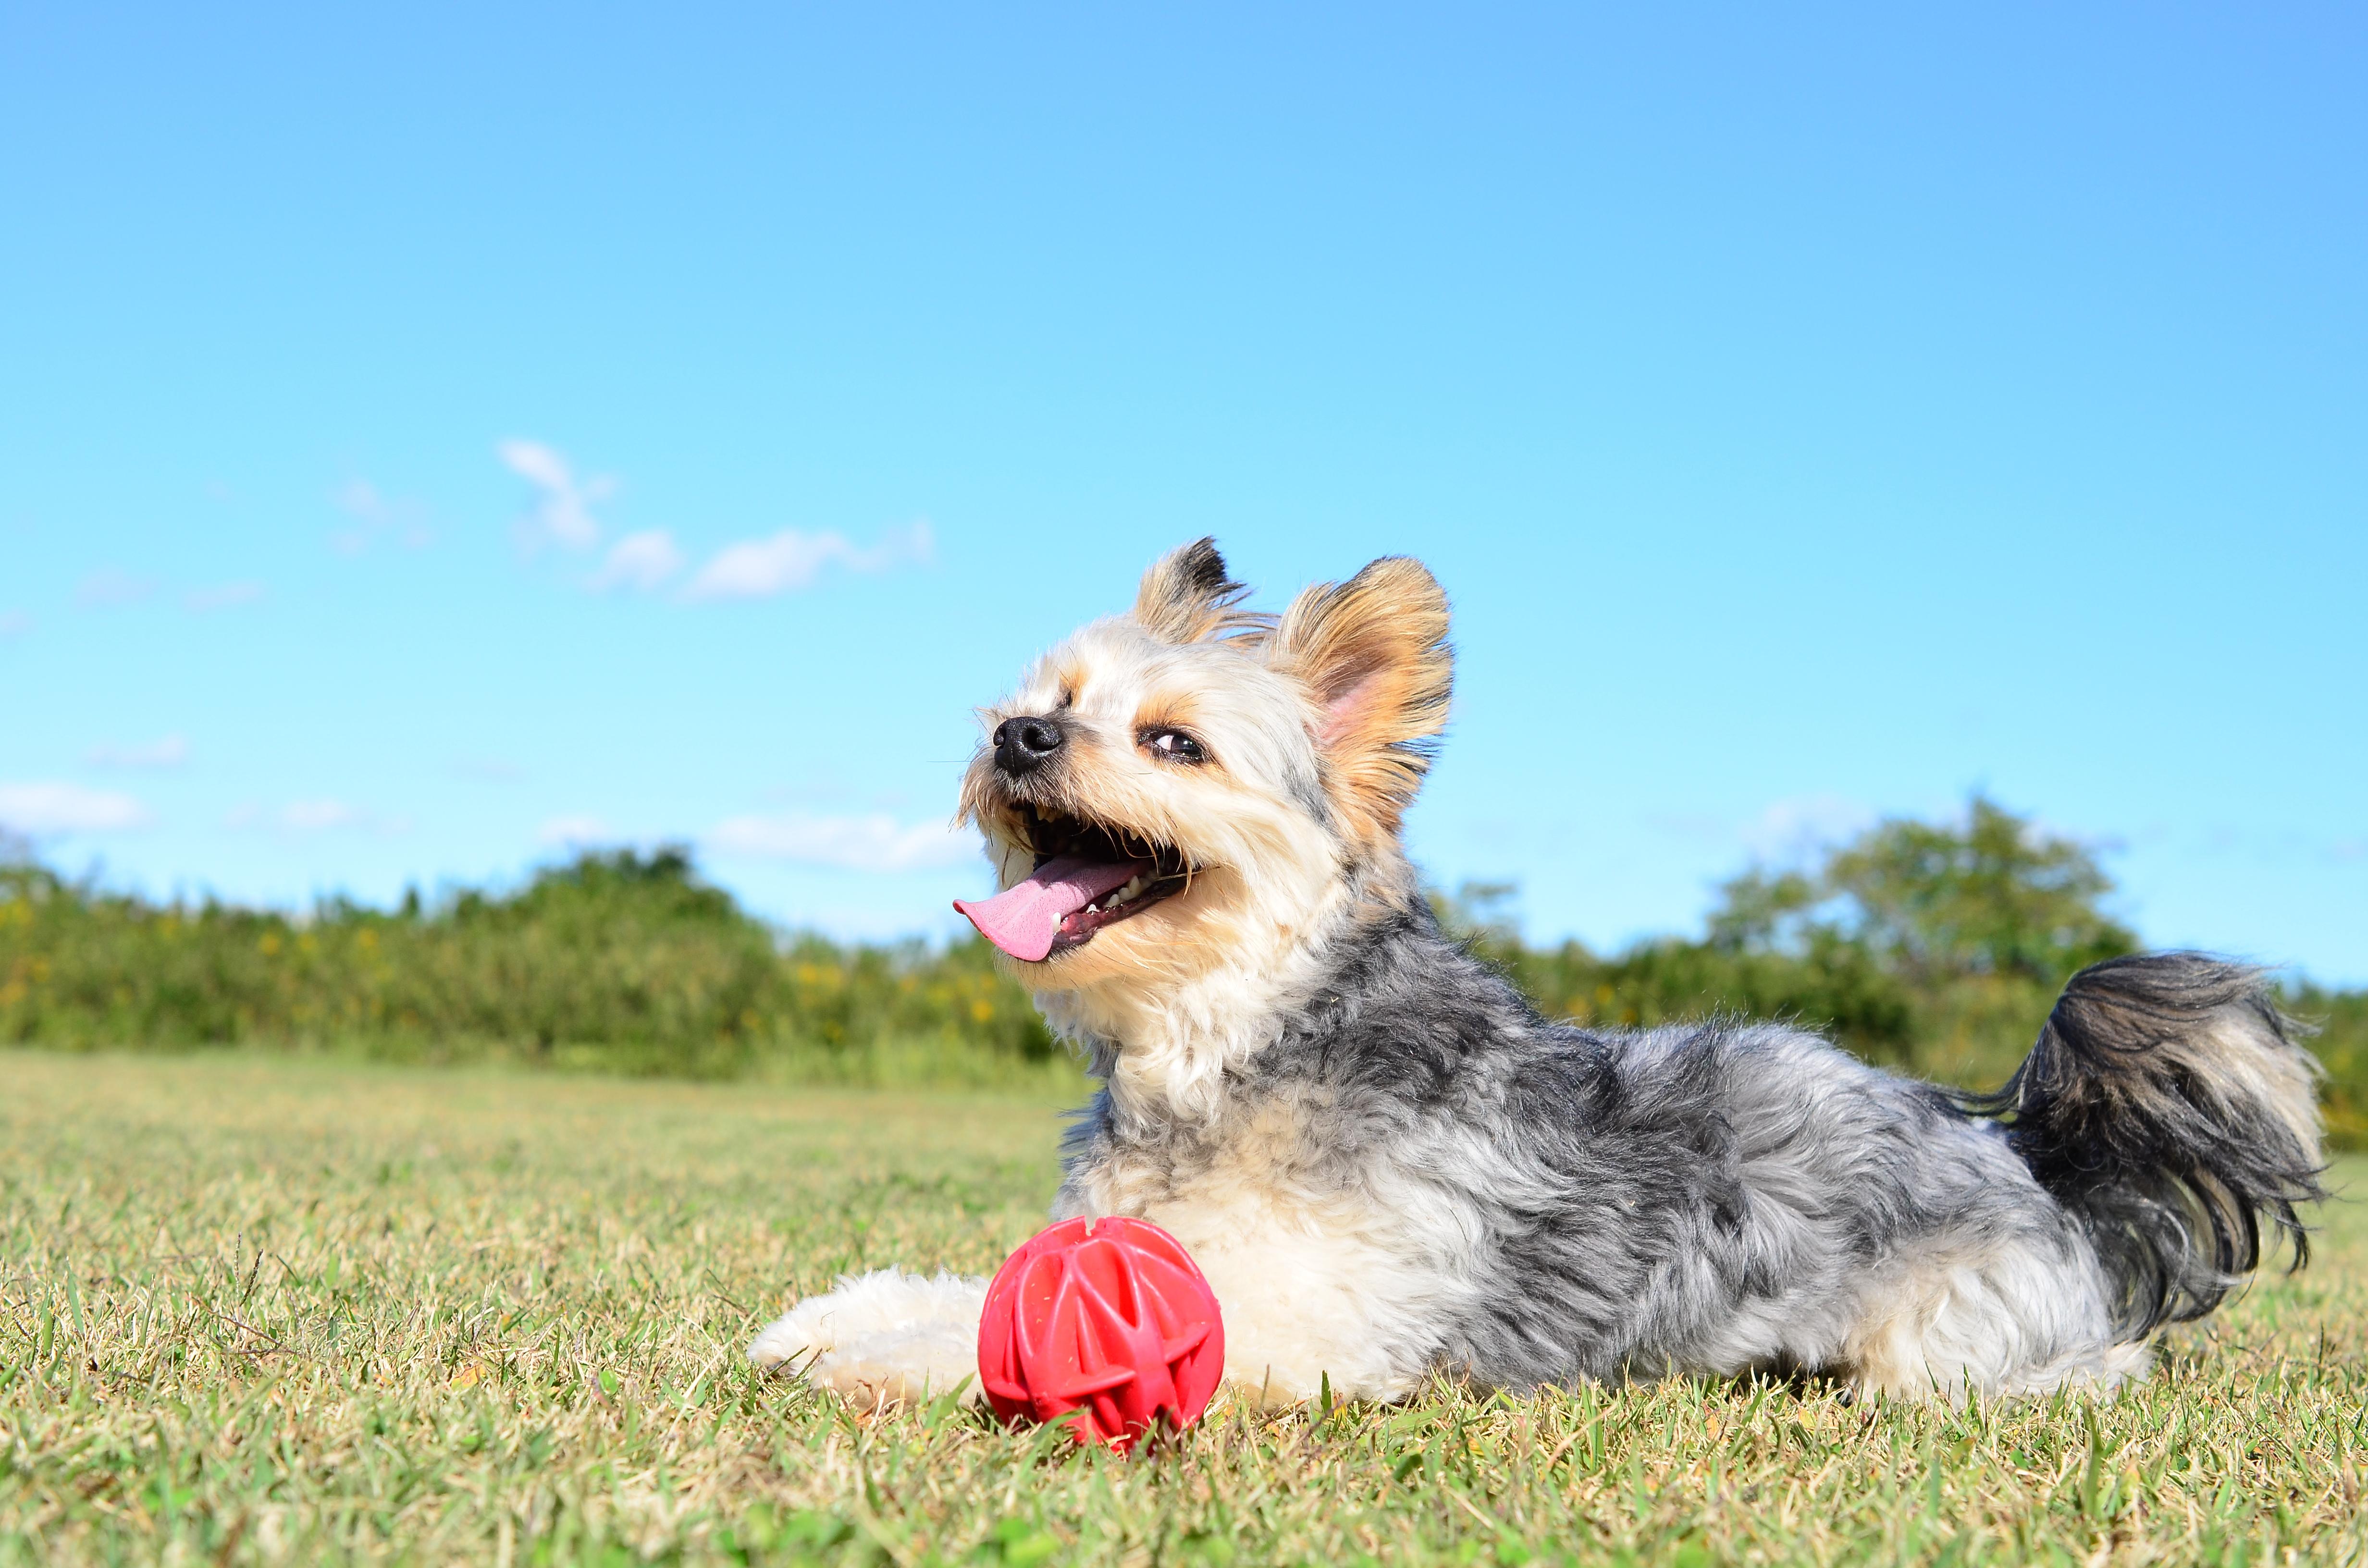 愛犬が舐めてしまうかも?もしものために安心安全な日焼け止め・虫除けを使いましょう